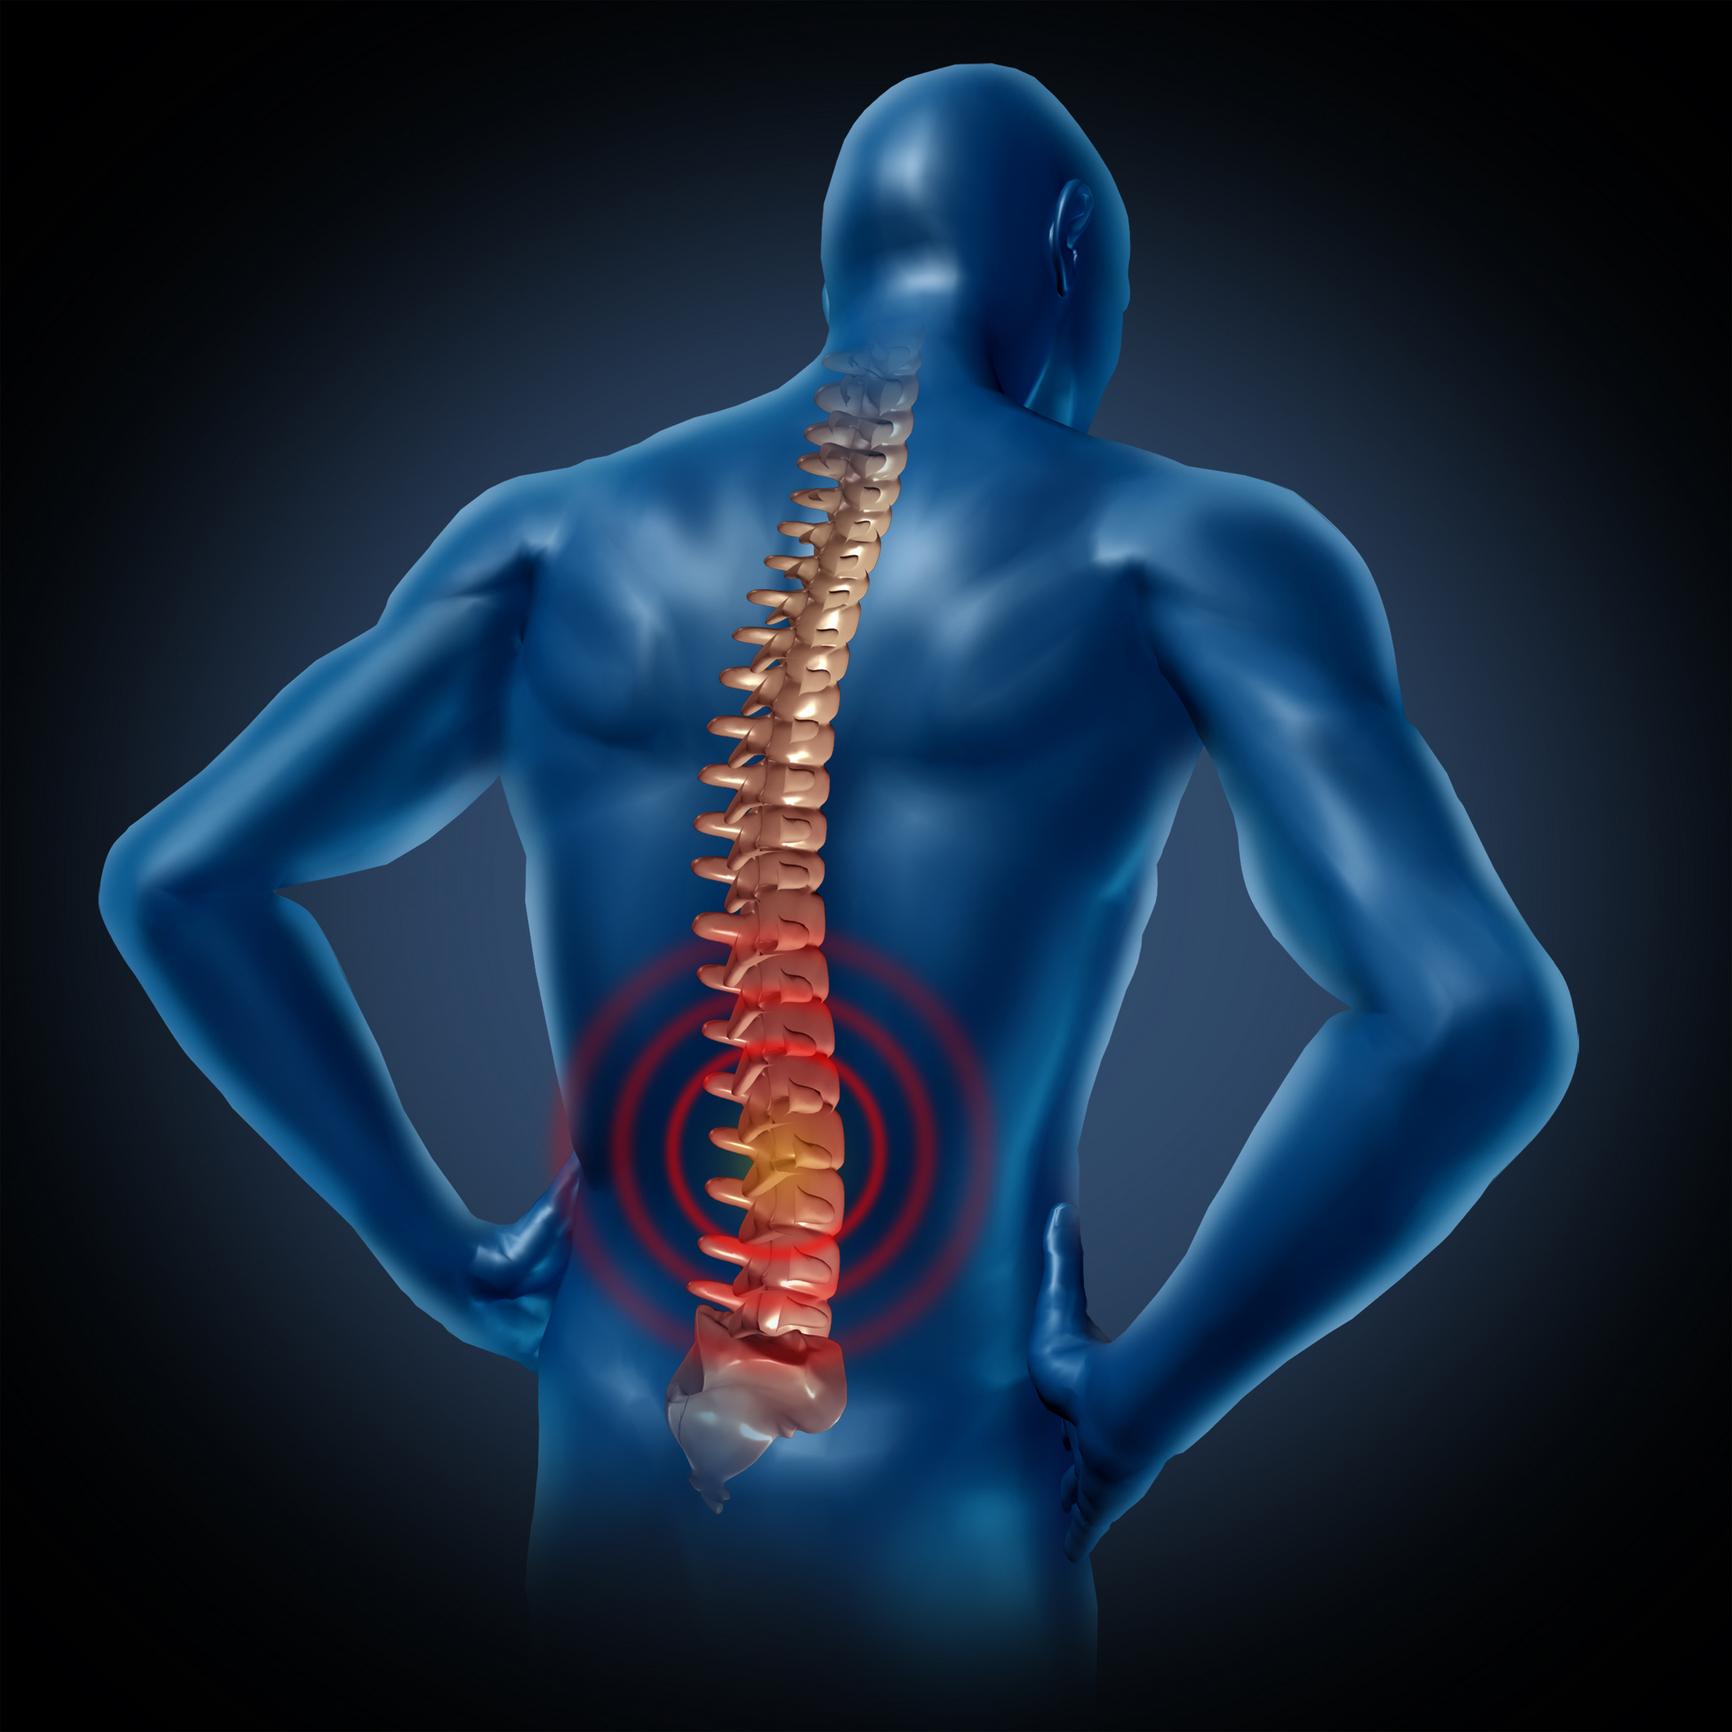 5 paprasti būdai kaip atsikratyti nugaros skausmo kaklo ir sąnarių